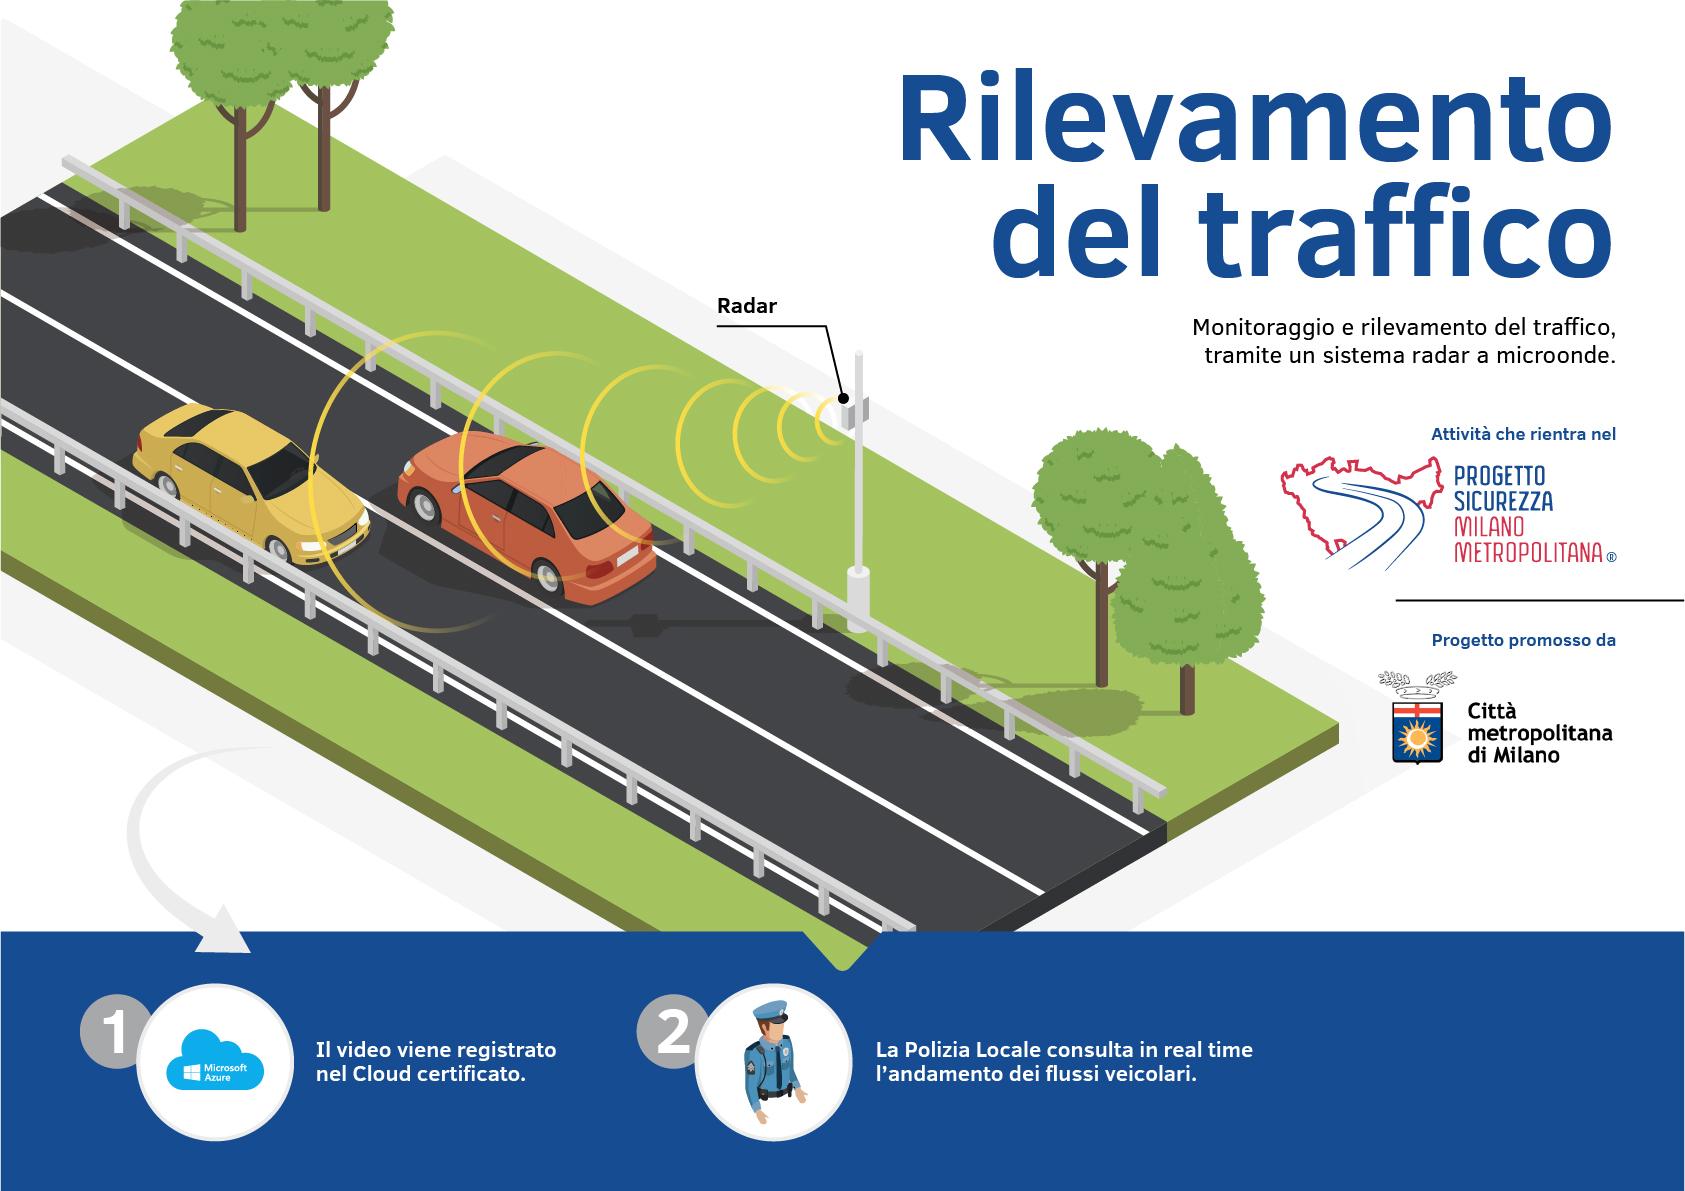 Progetto Sicurezza Milano Metropolitana